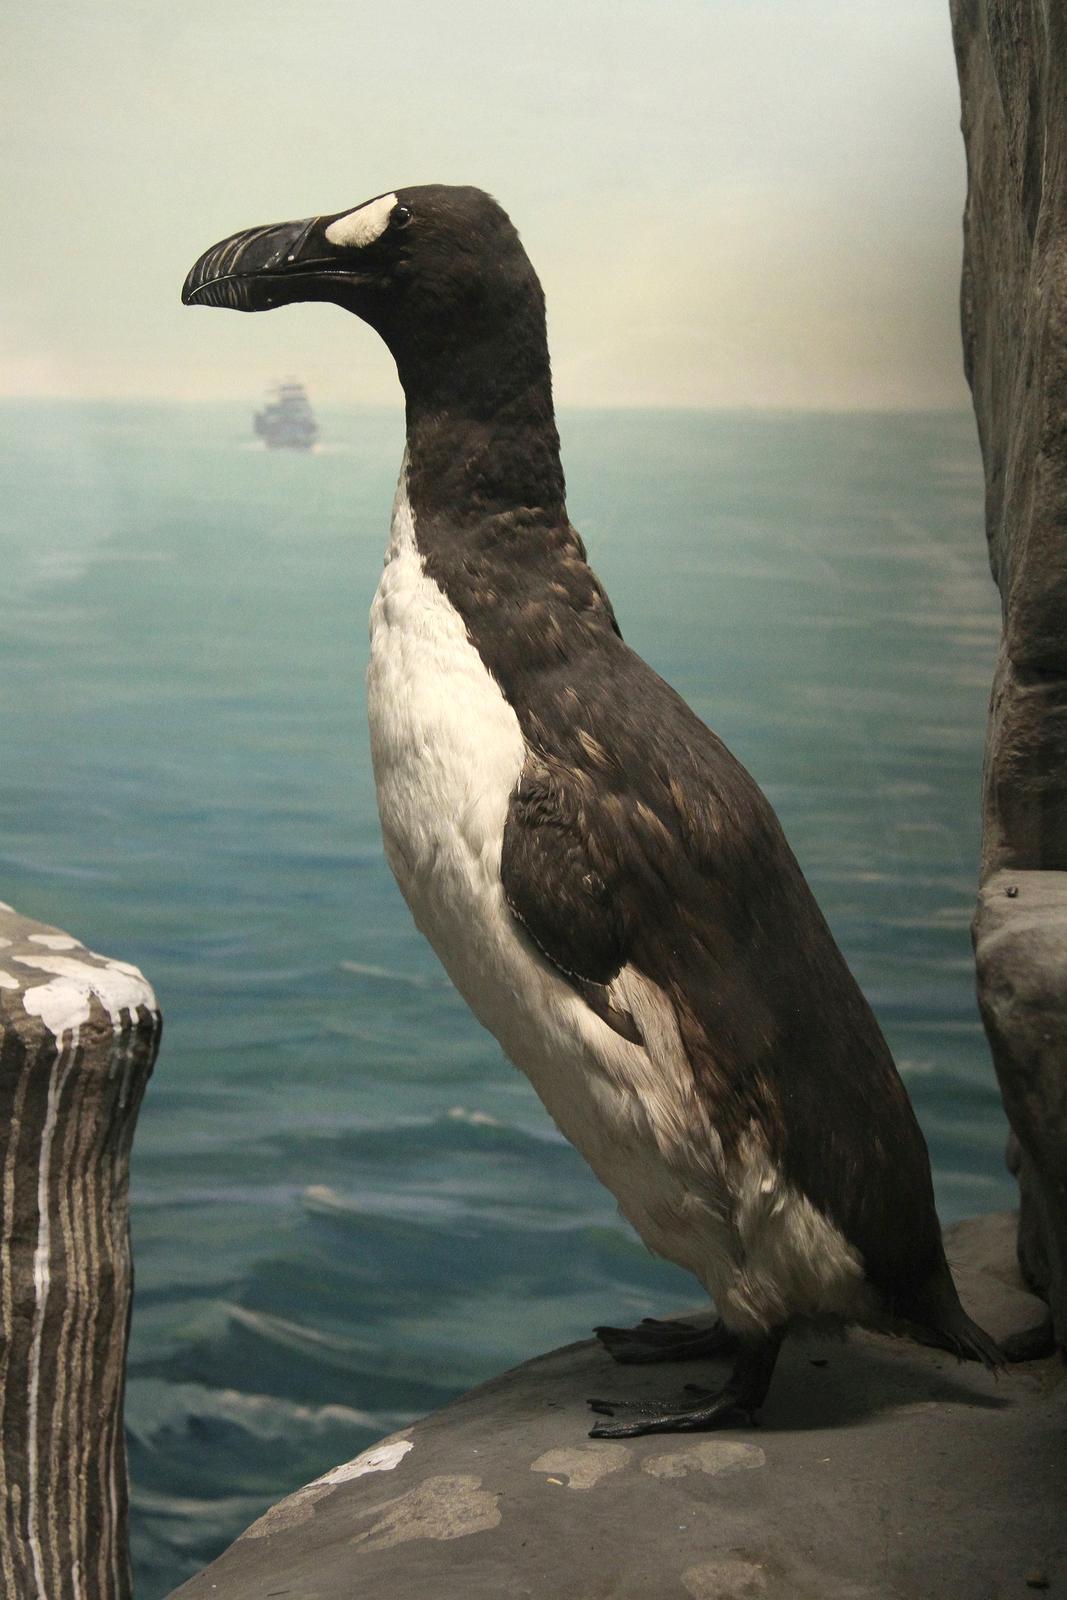 Fotografia przedstawia okaz alki olbrzymiej wmuzeum przyrodniczym. Czarnego zbiałym brzuchem ptaka ukazano stojącego na skale na krótkich, czarnych łapach. Głowa skierowana wlewo, zbardzo grubym, czarnym dziobem. Wtle fotografia morza.